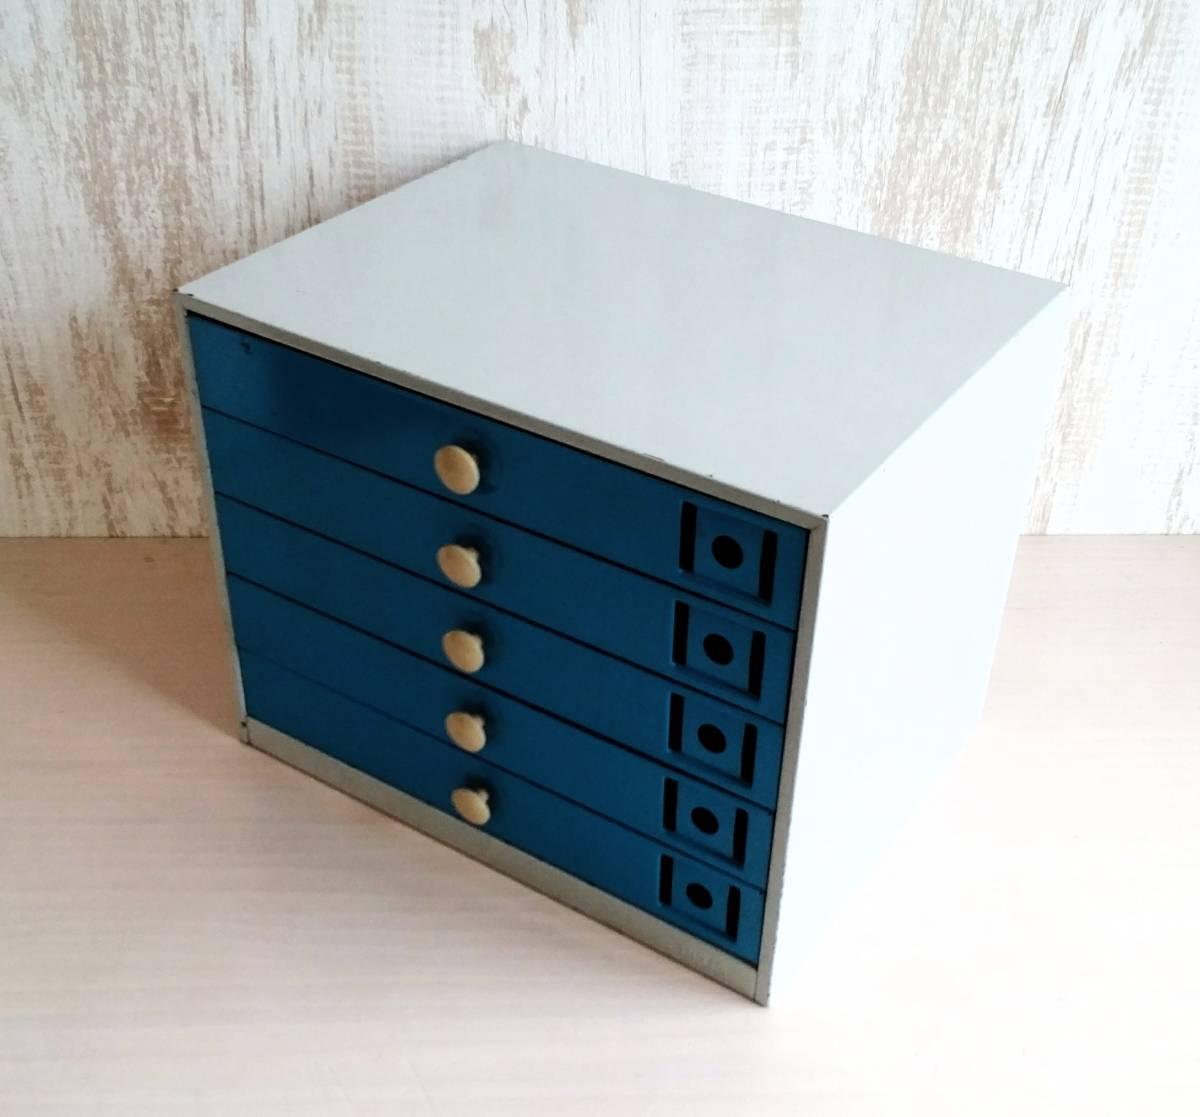 レターケース スチール製 引き出し  収納ケース インダストリアル 工業系 青色 白いつまみ ユーズド_画像6